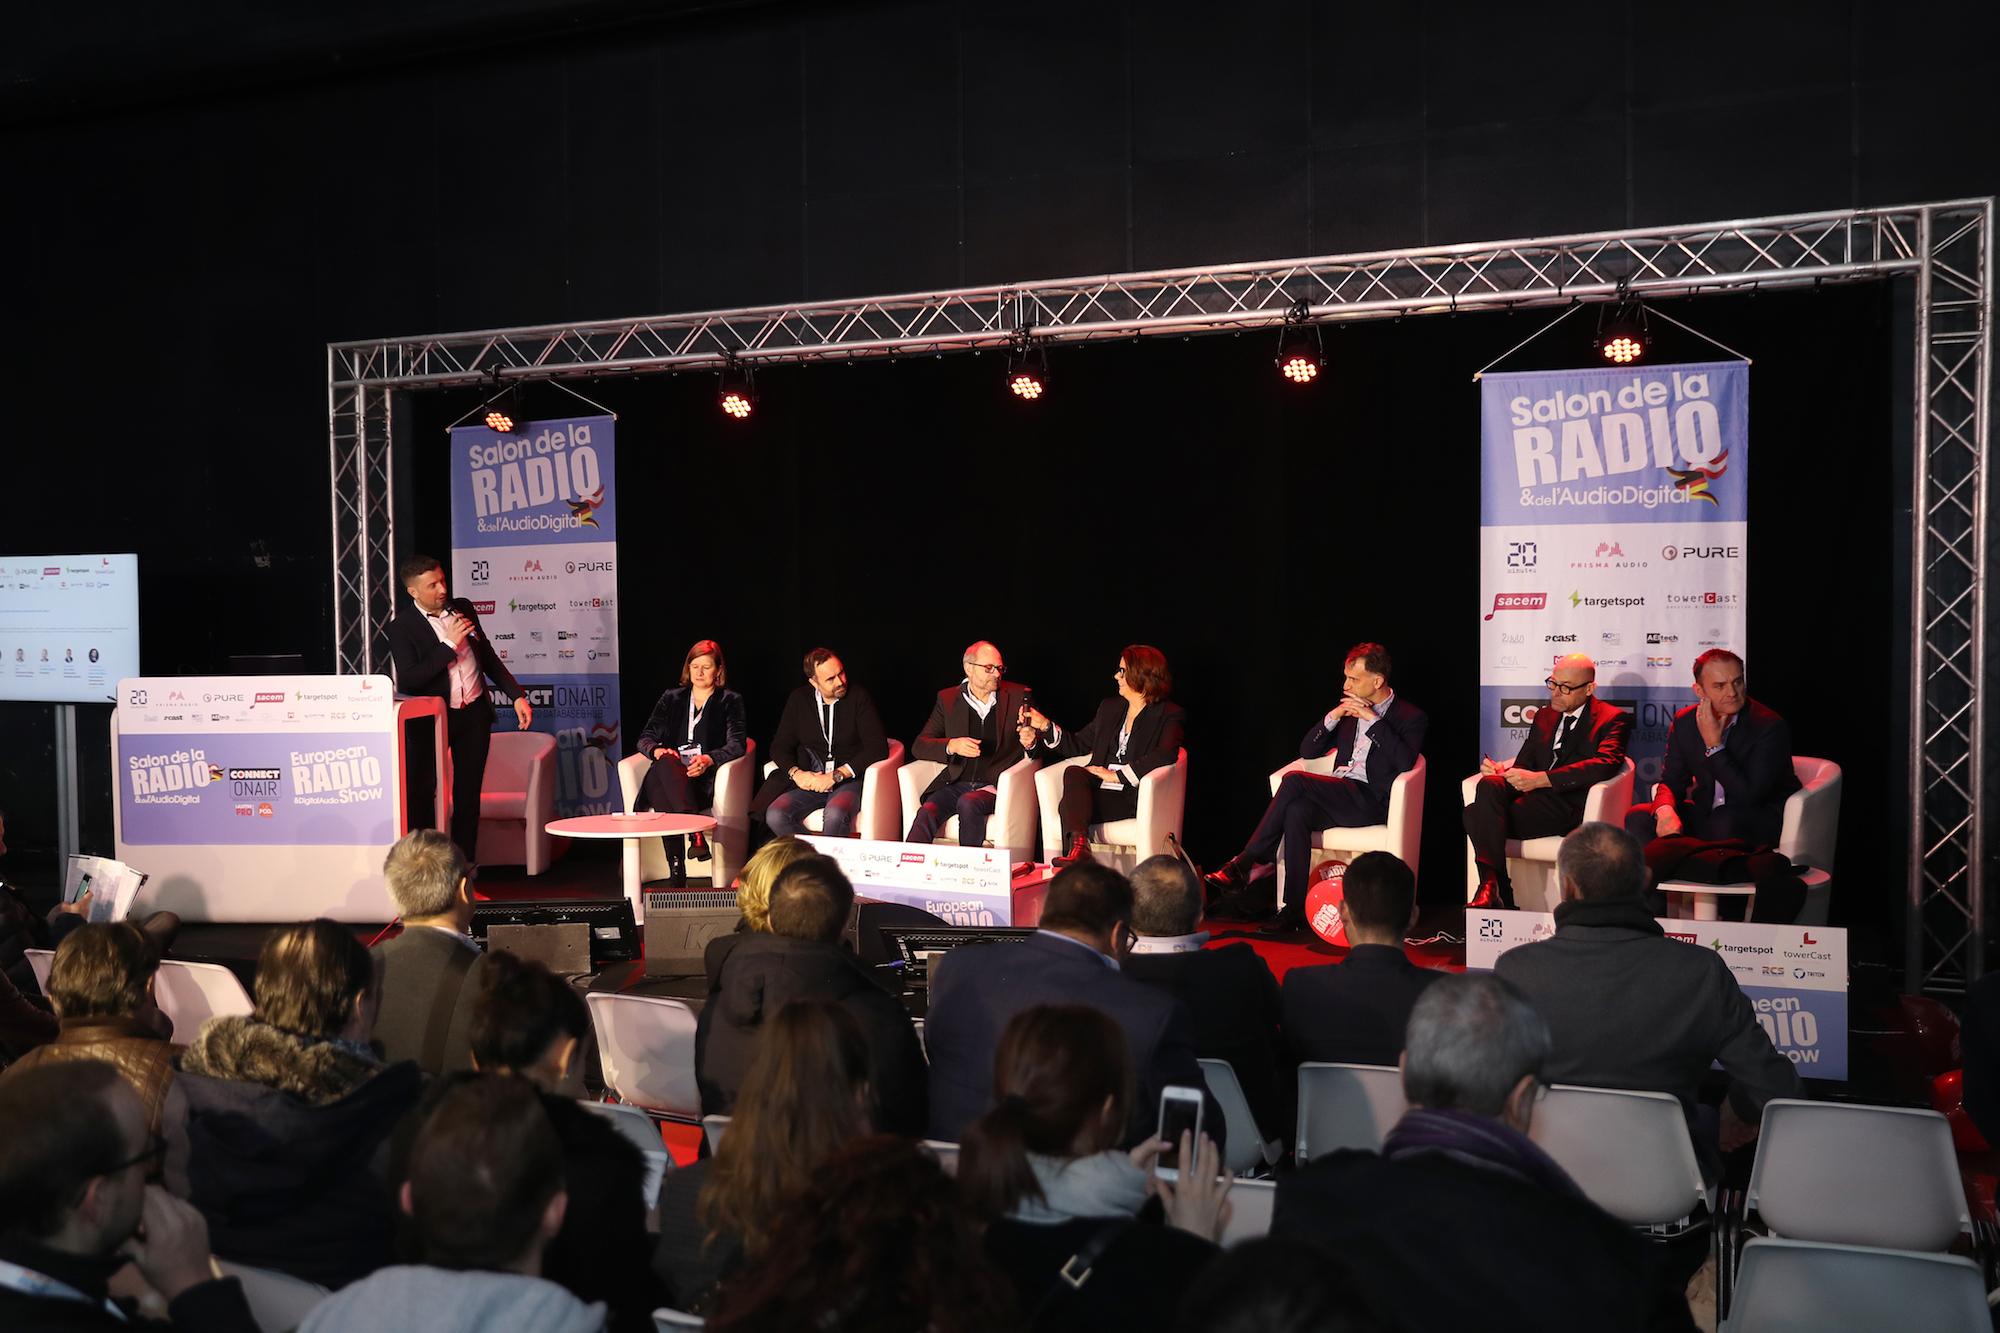 Comment enchanter les auditeurs ? De NRJ à RFI, d'Europe à RMC, les dirigeants des stations ont partagé leurs expériences et leurs espérances